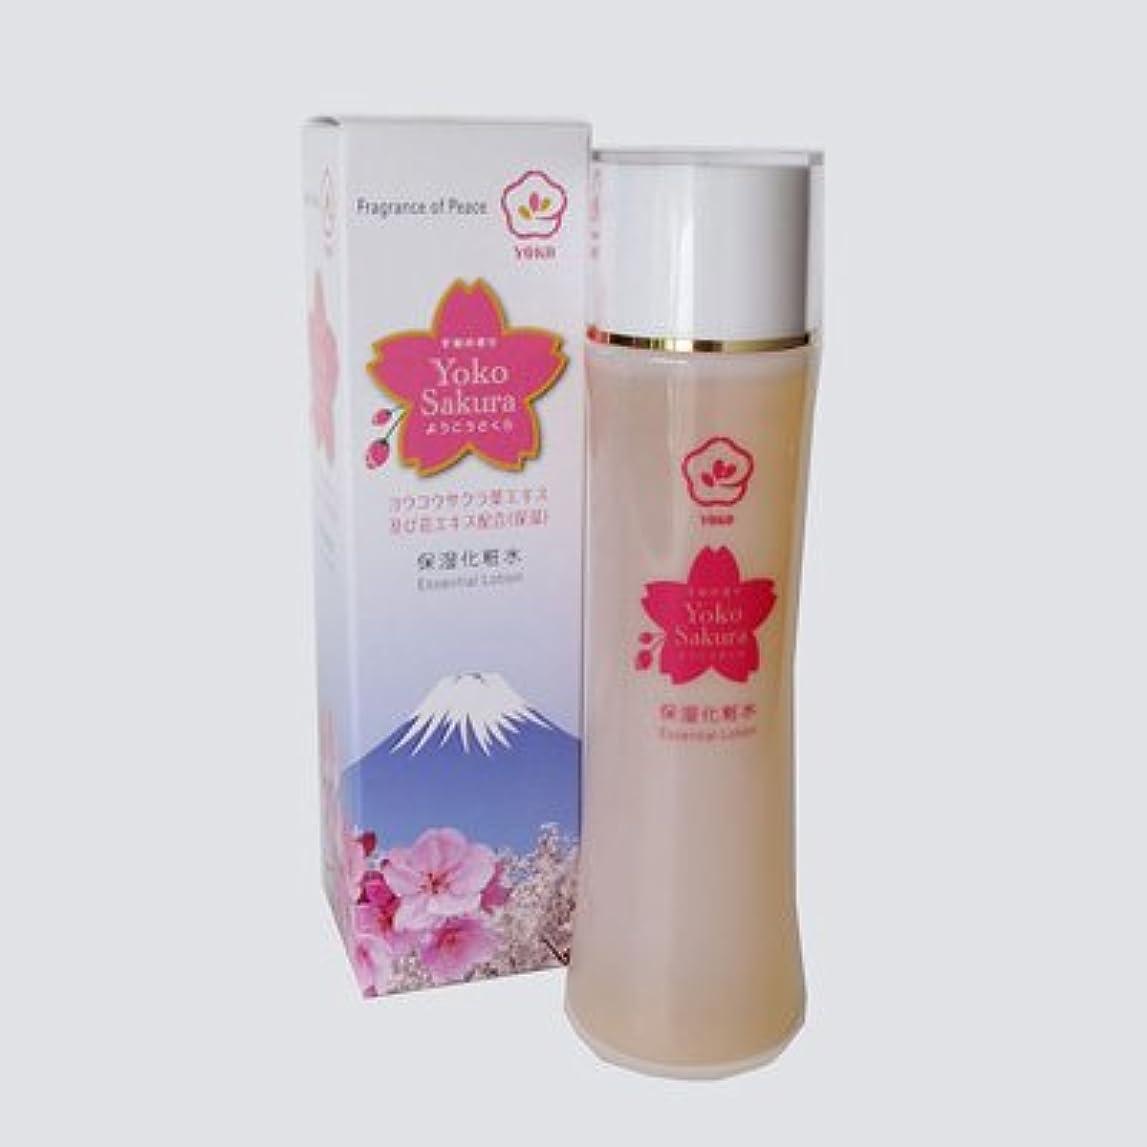 おとこ棚些細陽光ローション(保湿化粧水) 陽光桜のエキス配合の保湿化粧水。敏感肌の方にもどうぞ